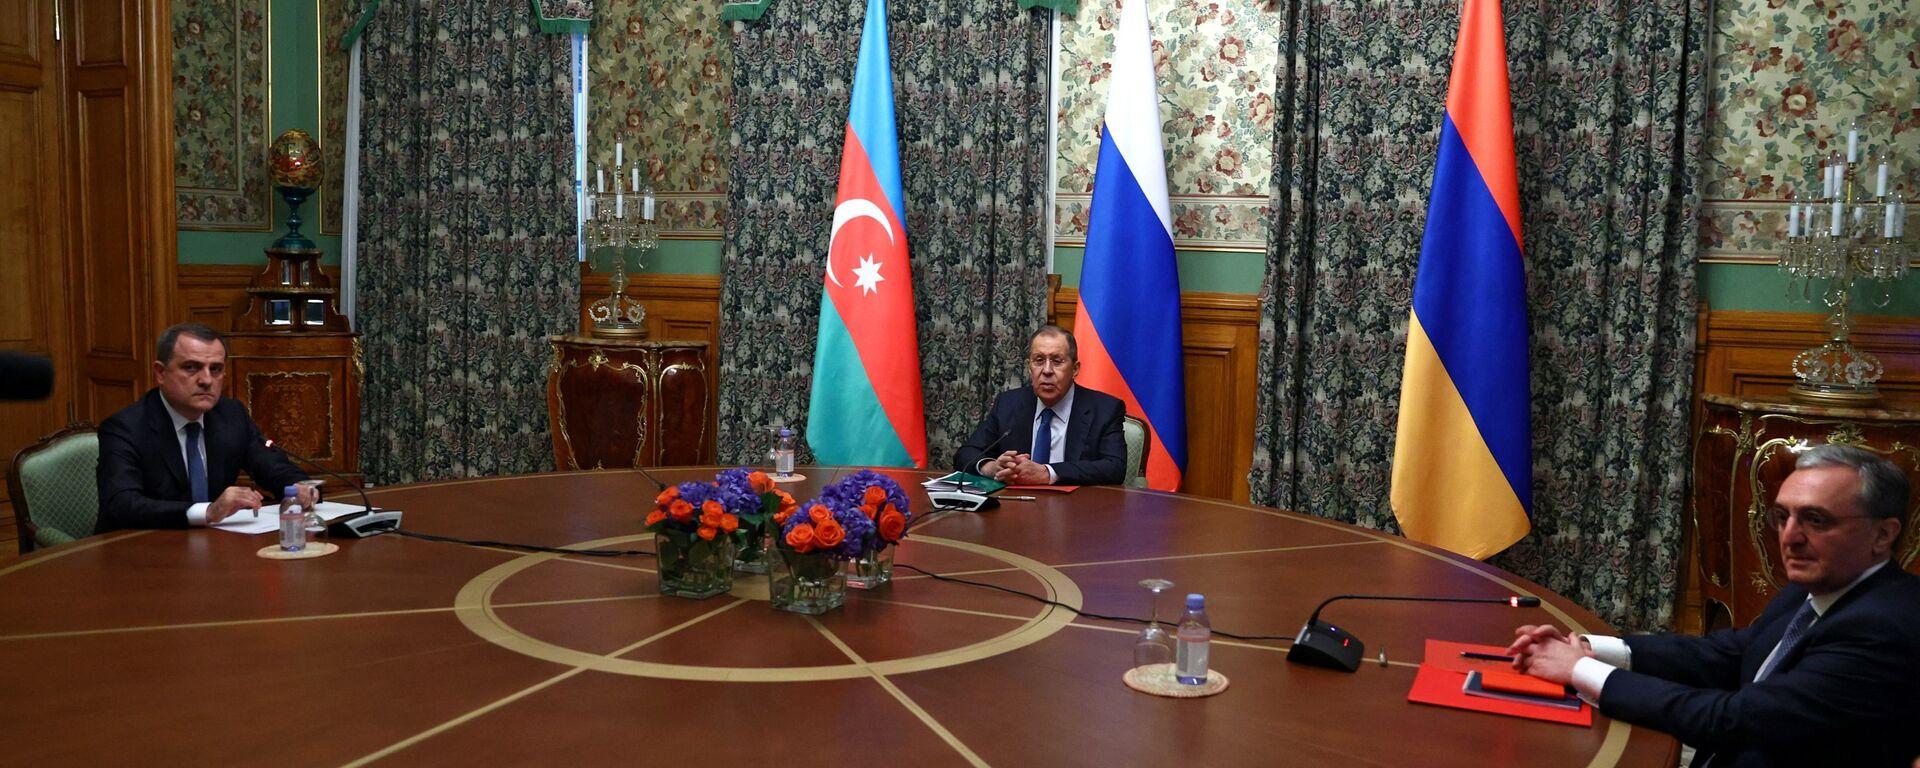 Las negociaciones entre los cancilleres de Rusia, Armenia y Azerbaiyán sobre Karabaj  - Sputnik Mundo, 1920, 18.05.2021